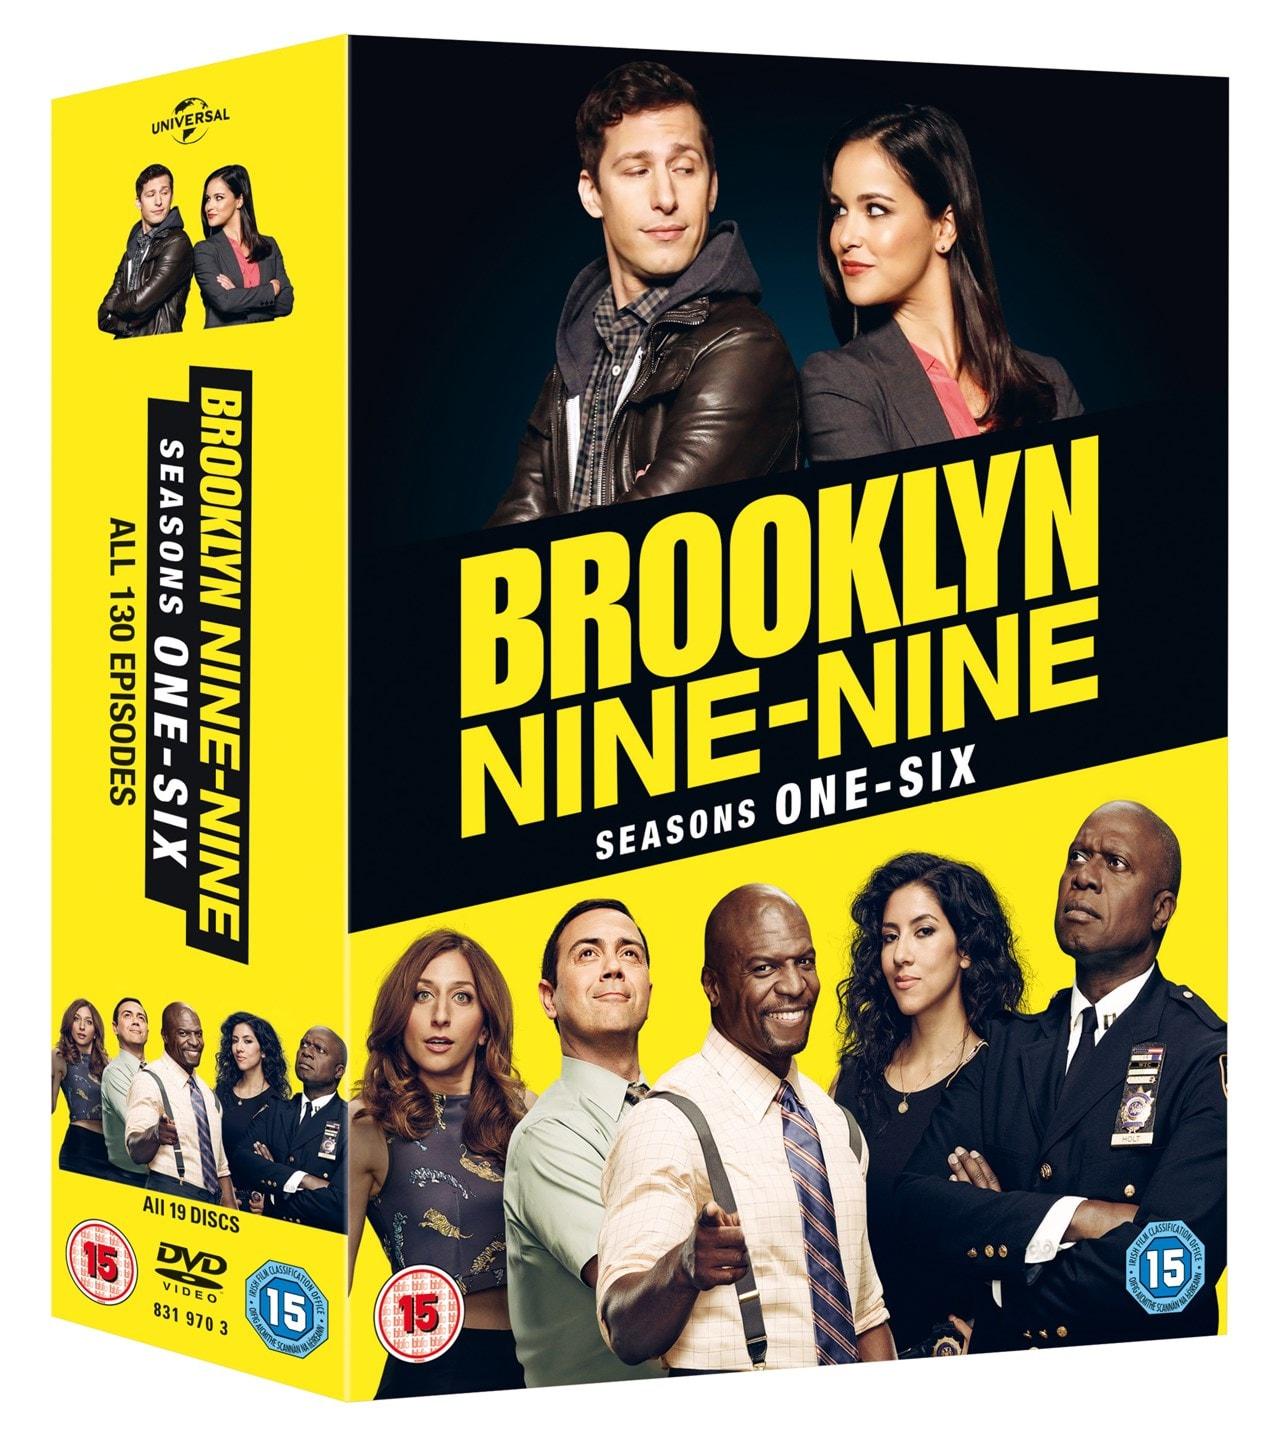 Brooklyn Nine-Nine: Seasons One - Six - 2